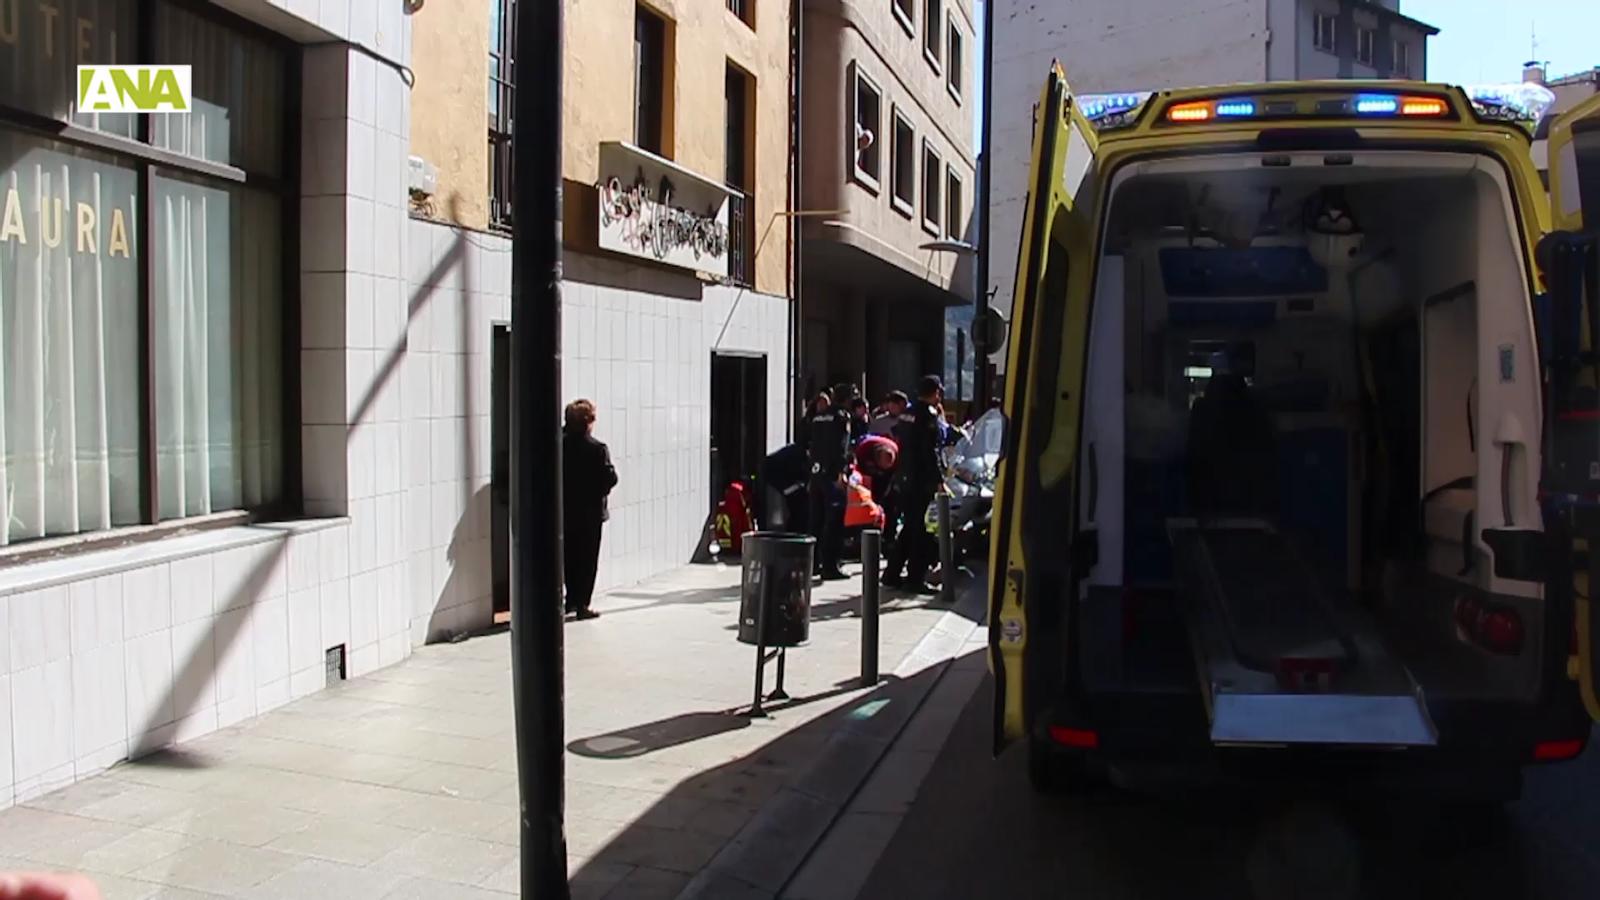 Vídeo de l'atropellament d'un home a l'avinguda Príncep Benlloch